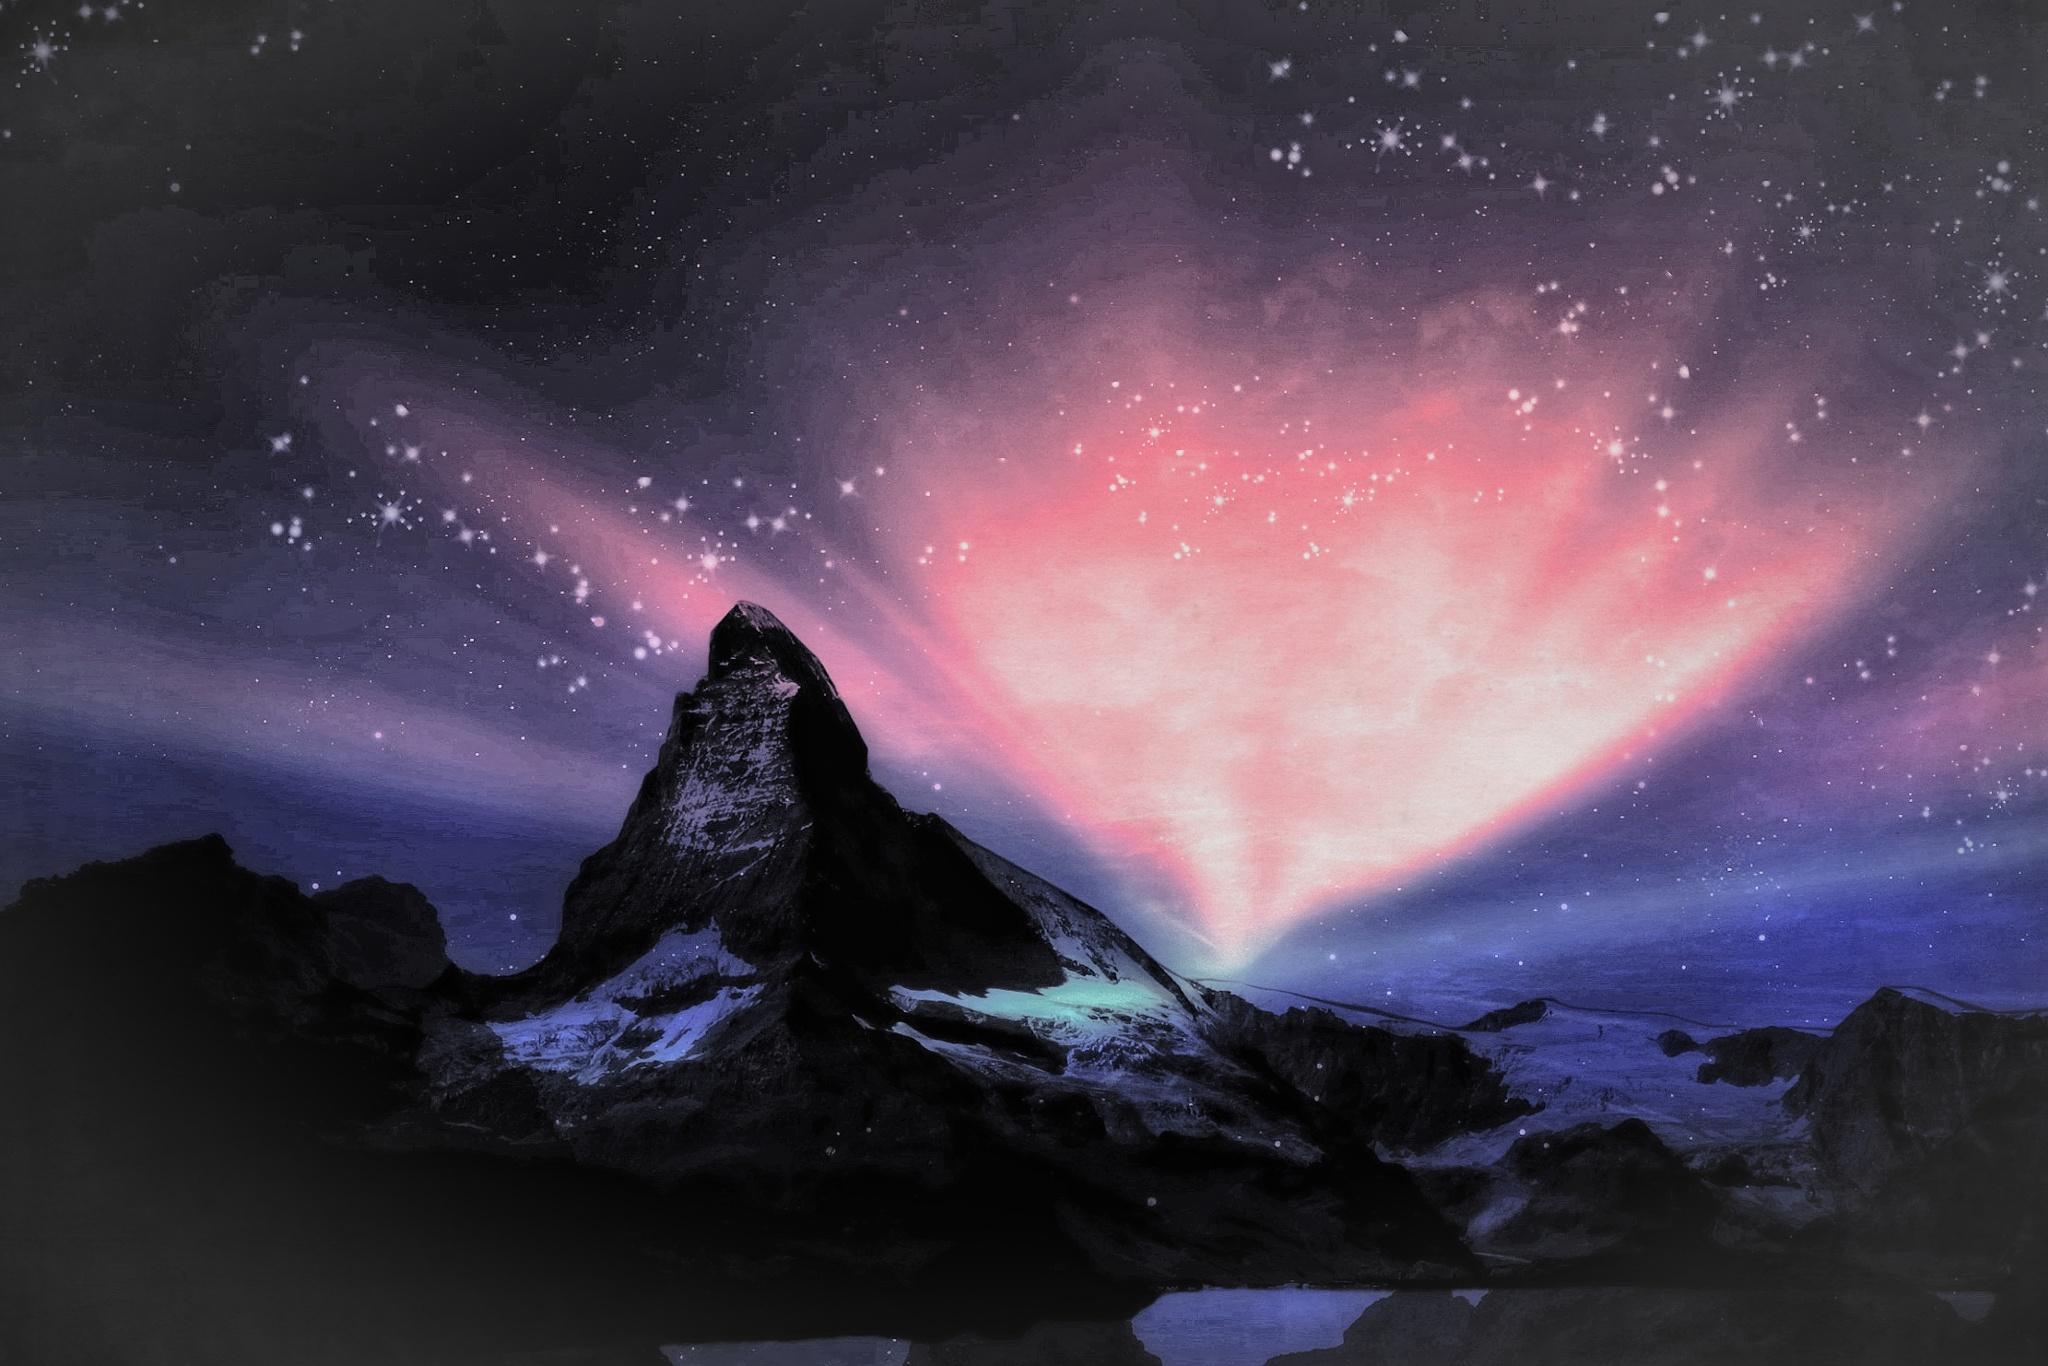 Fantasy Matterhorn by Brigitte Werner